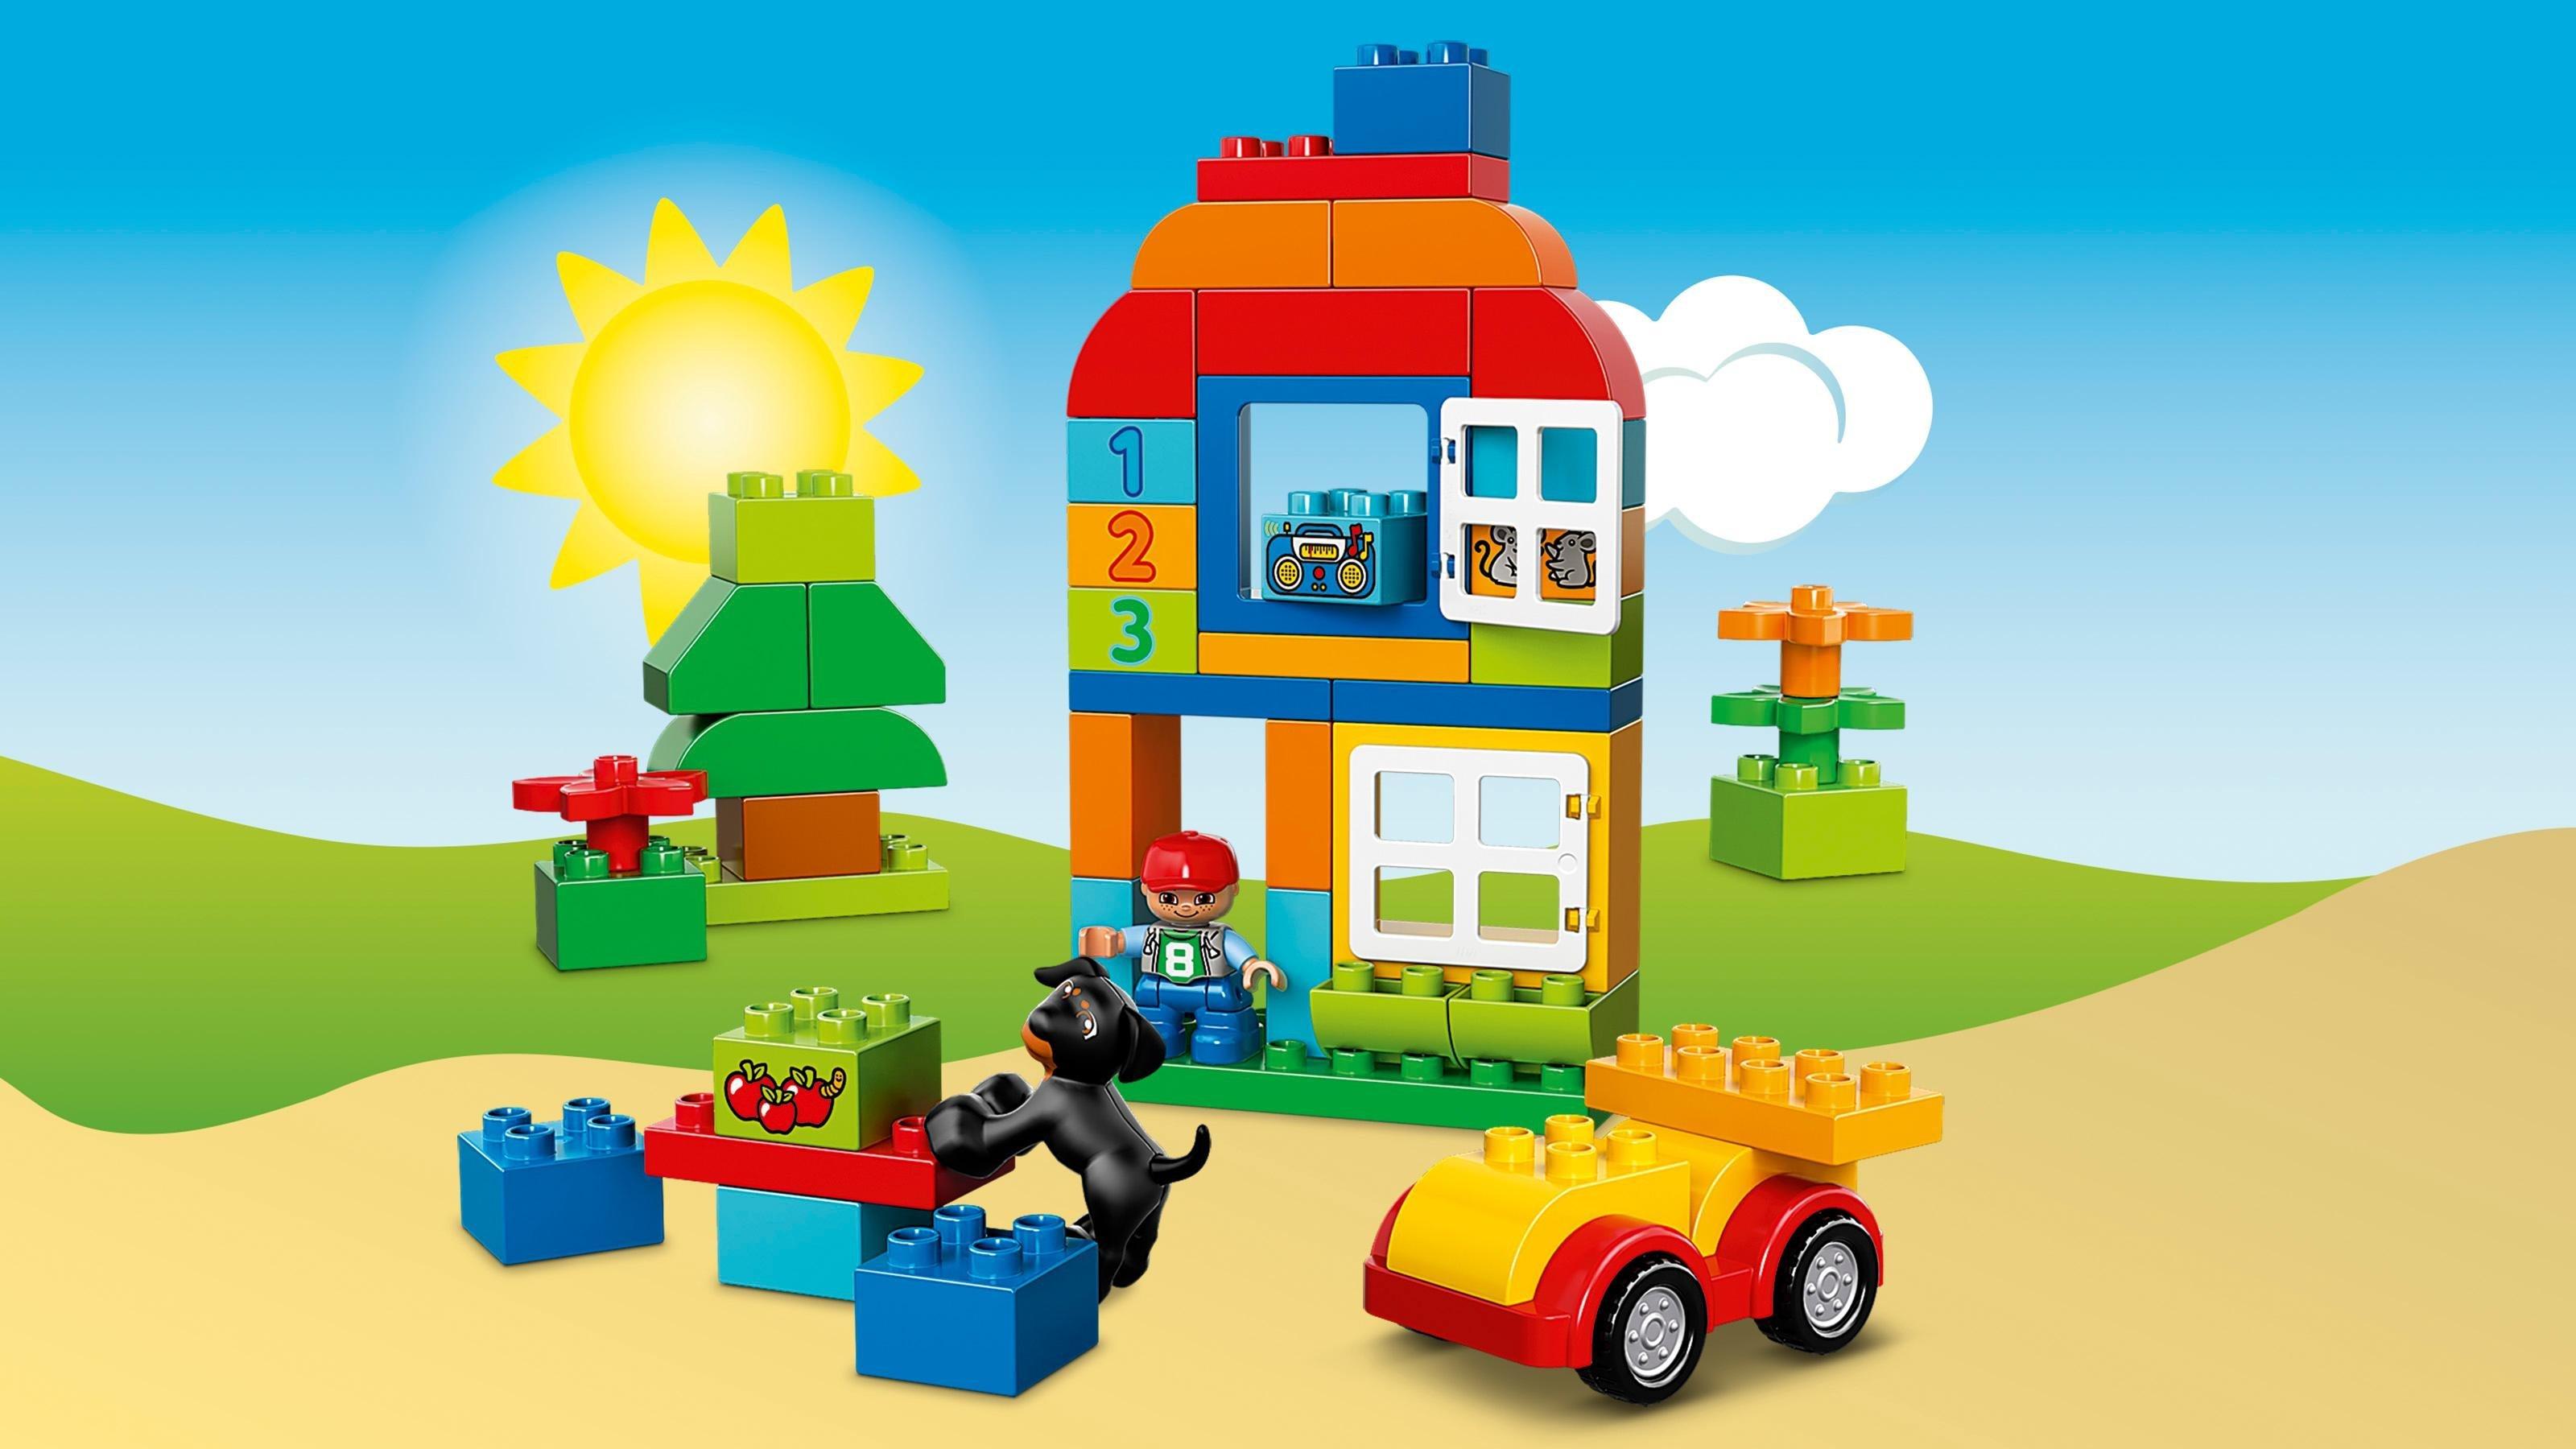 LEGO Duplo 10572 - Große Steinebox, Kreatives